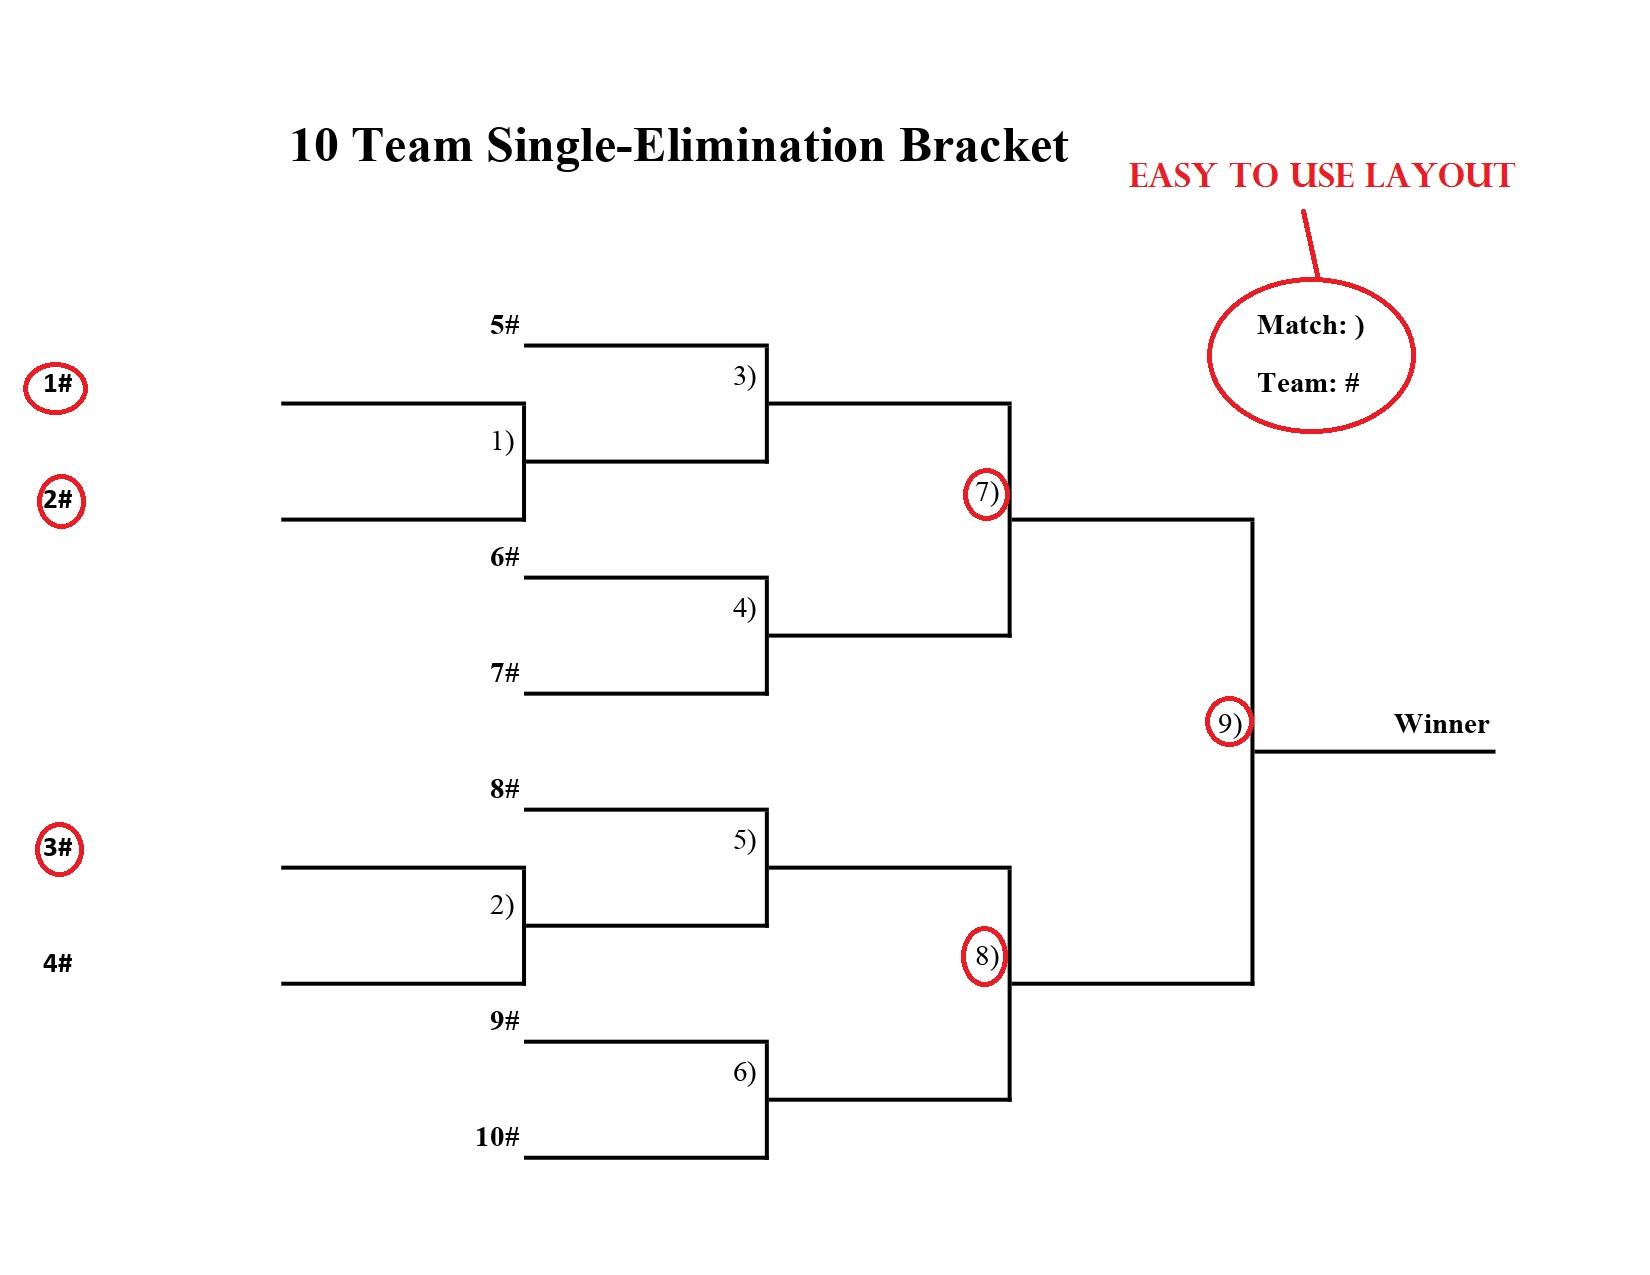 10-team single-elimination